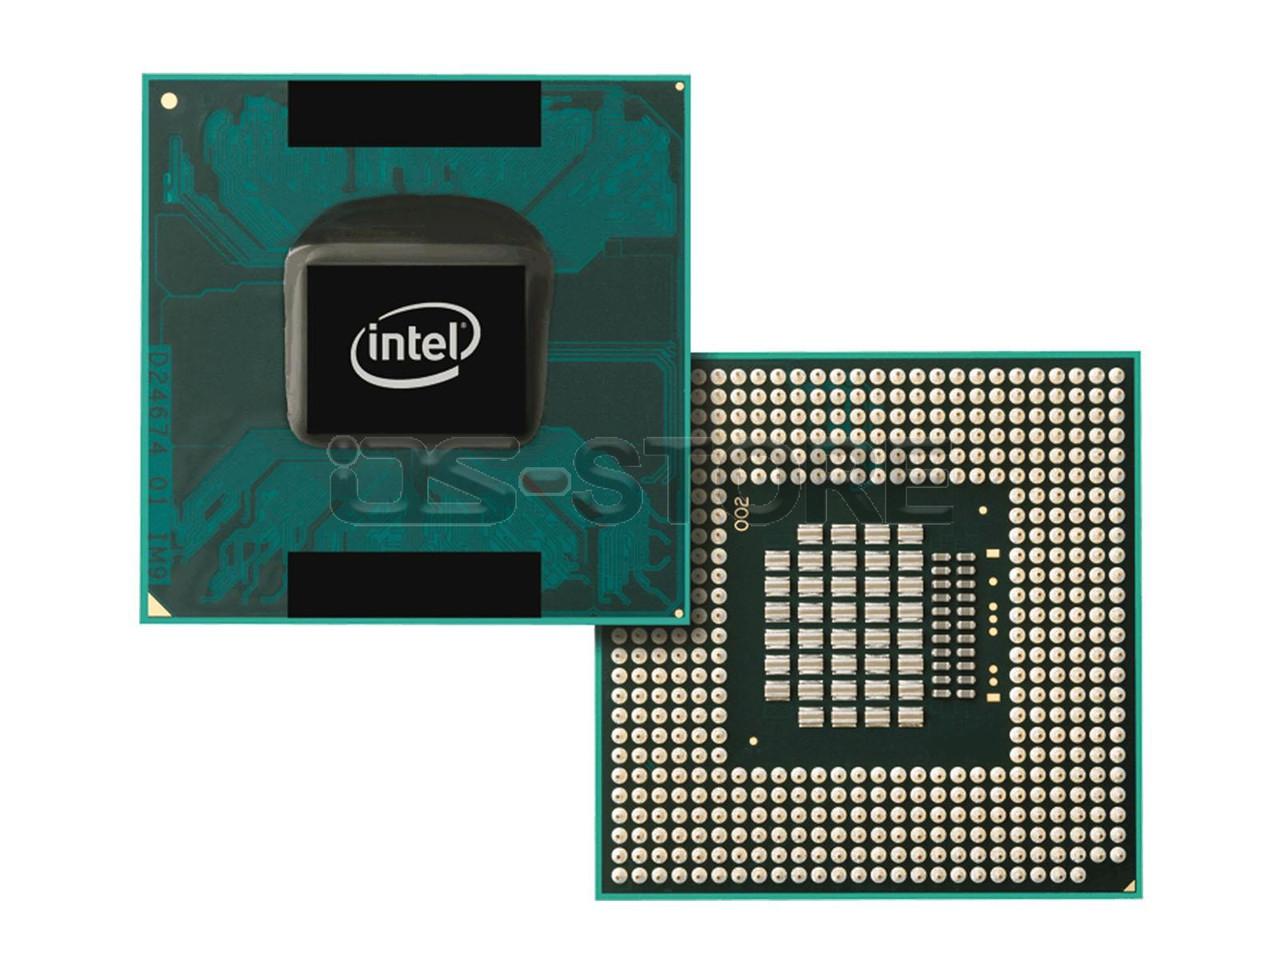 Процессор для ноутбука Intel Core Duo Celeron T3300 2,0Ghz/1m/800 + термопаста в ПОДАРОК